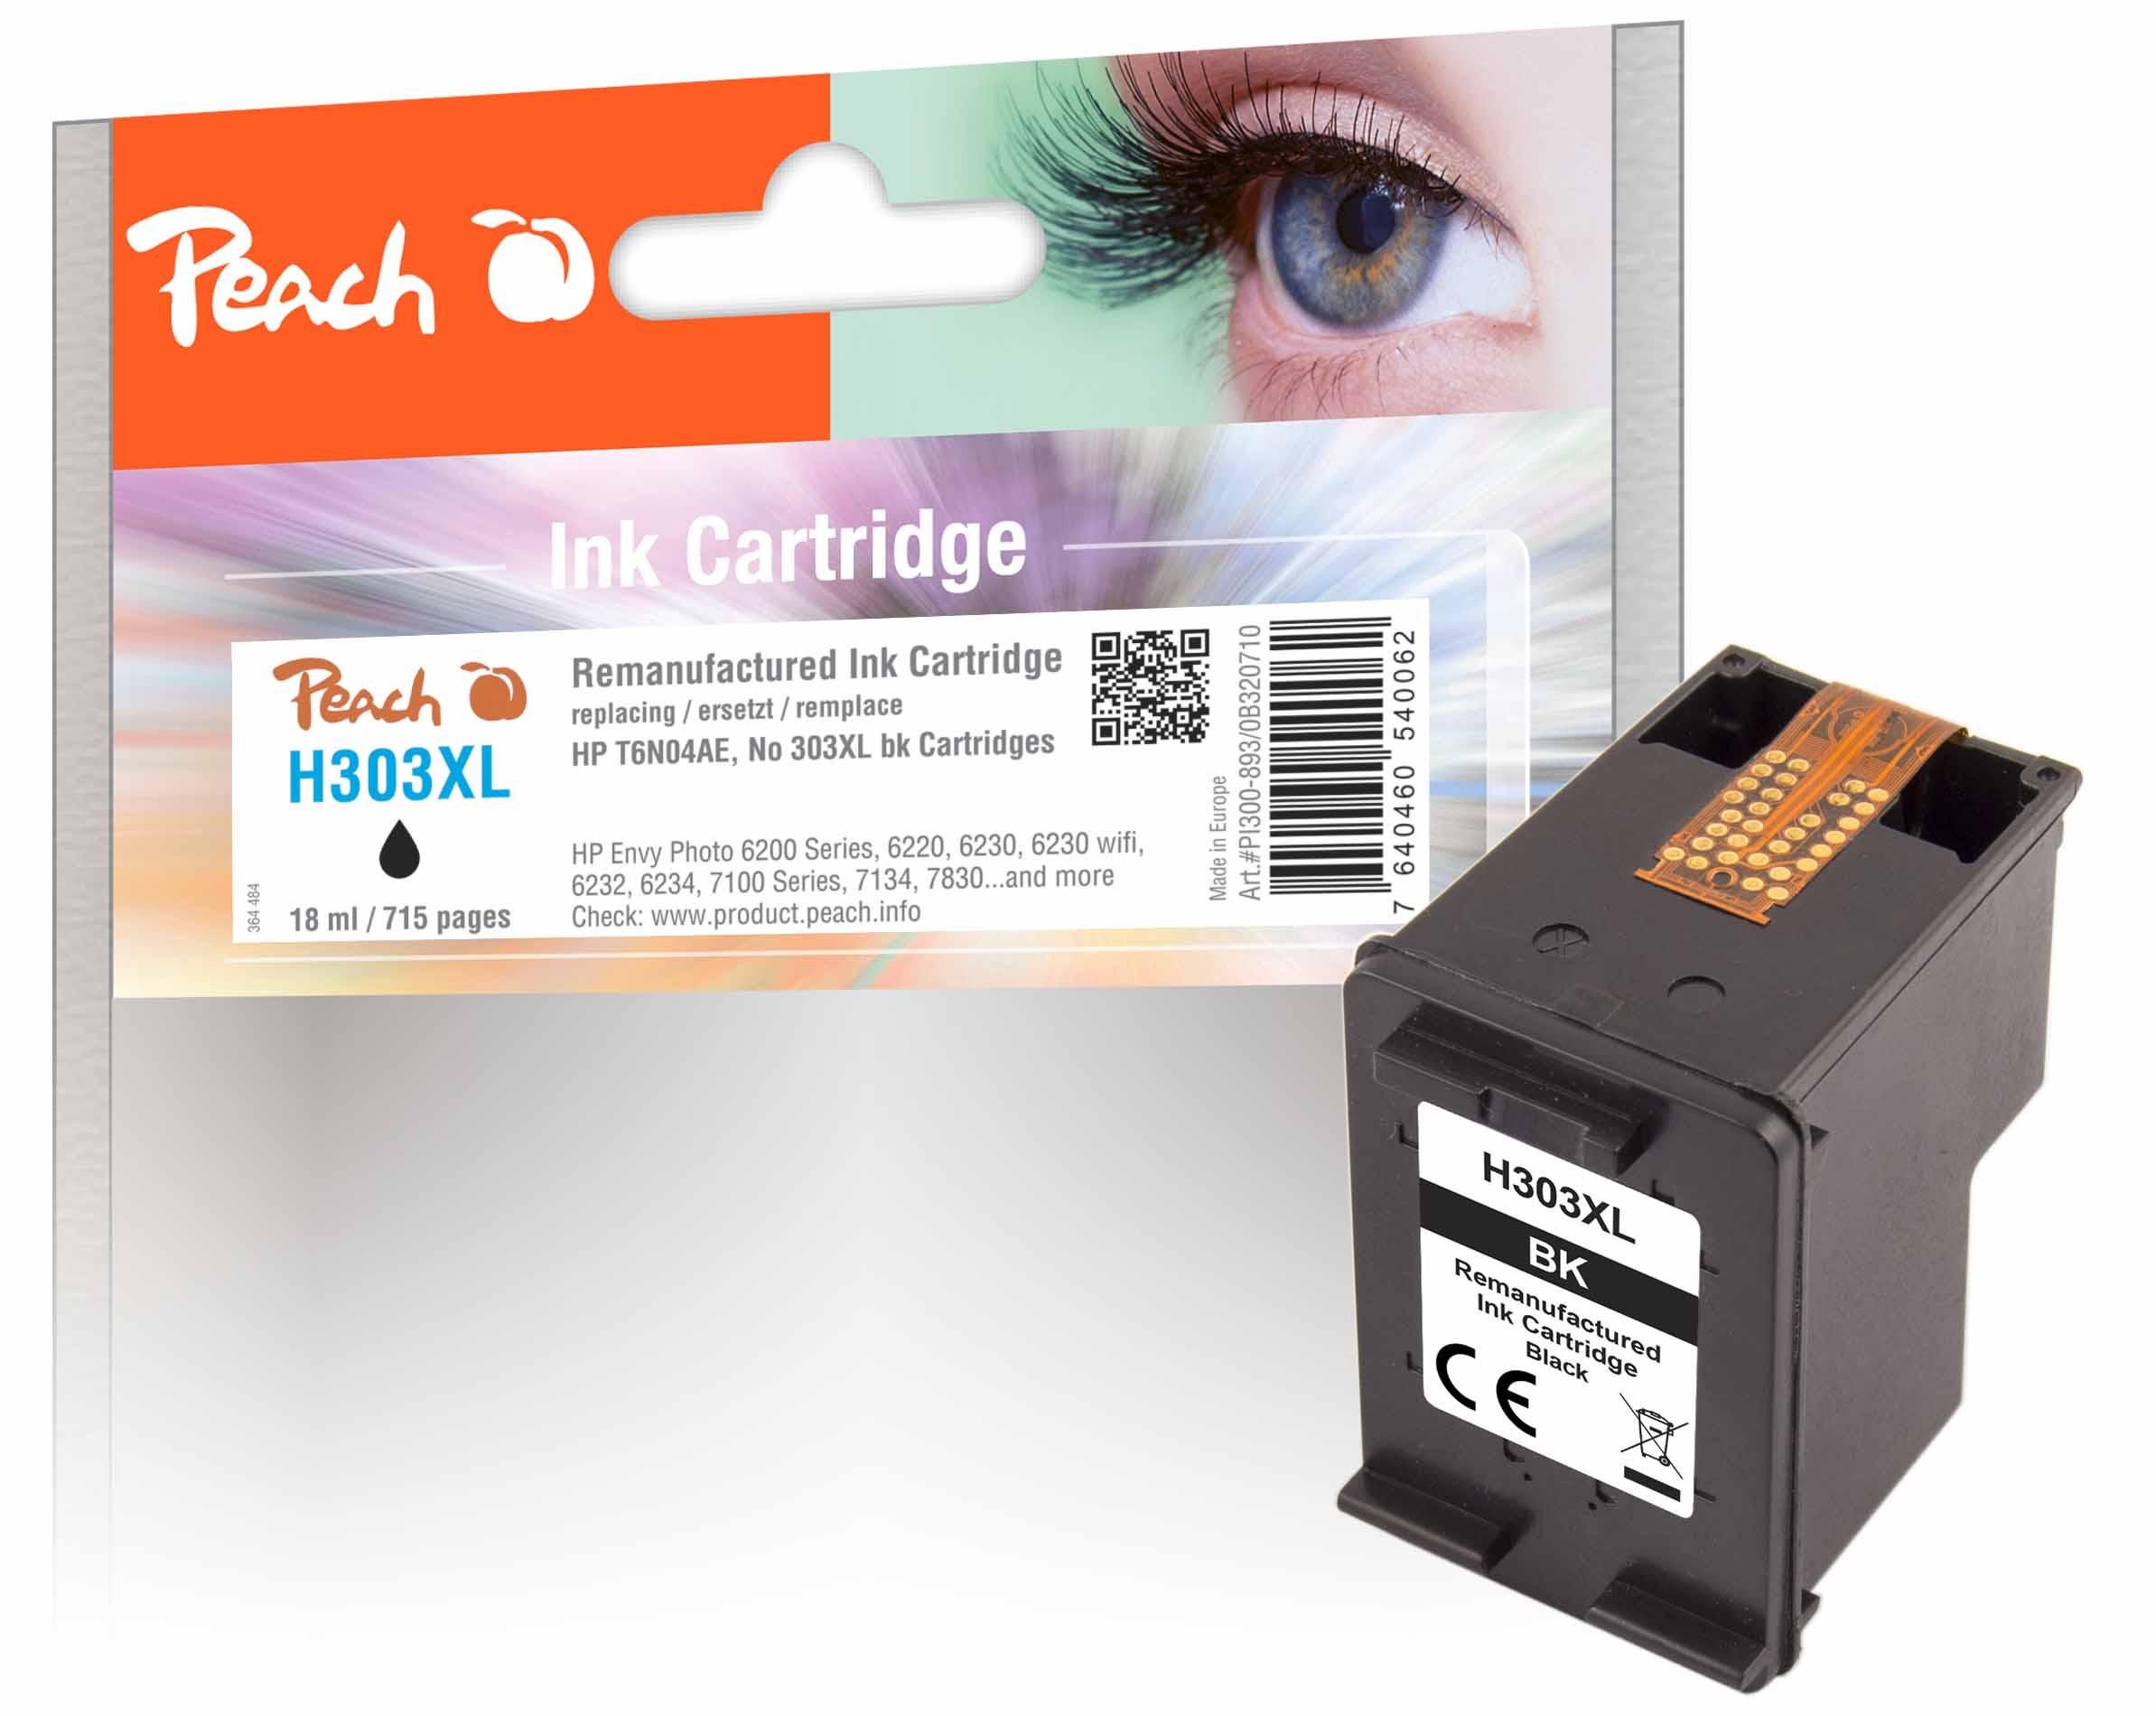 Peach  tête d'impression noire compatible avec ID-Fabricant: No. 303XL bk, T6N02AE HP Envy Photo 6234